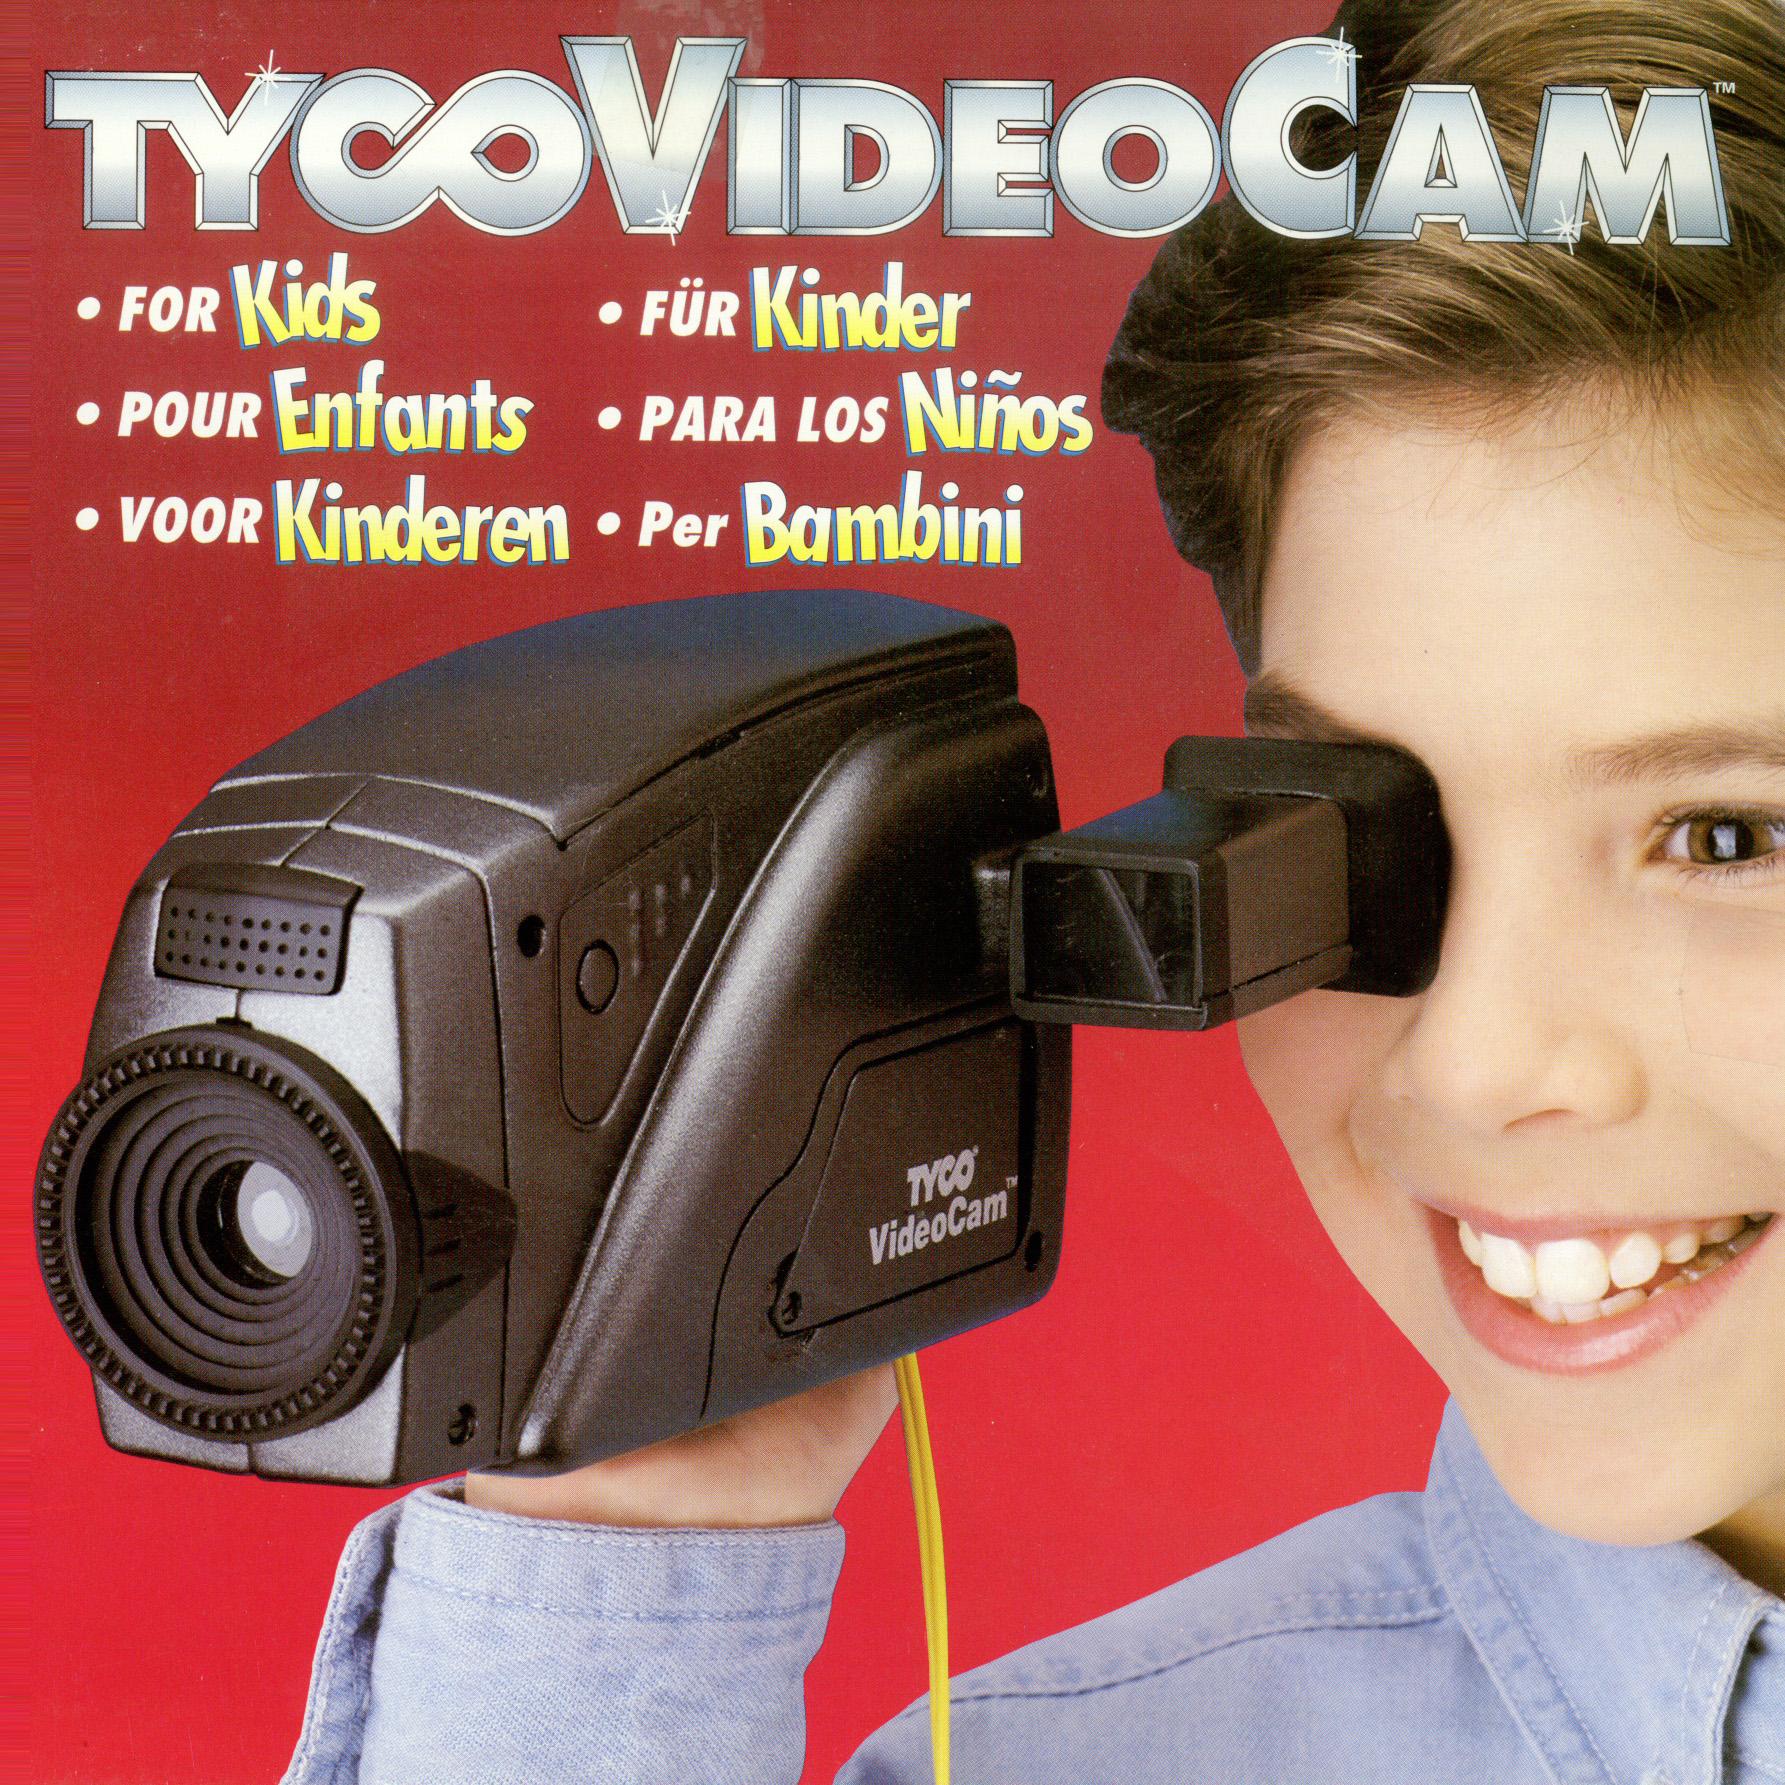 Tyco Video Cam